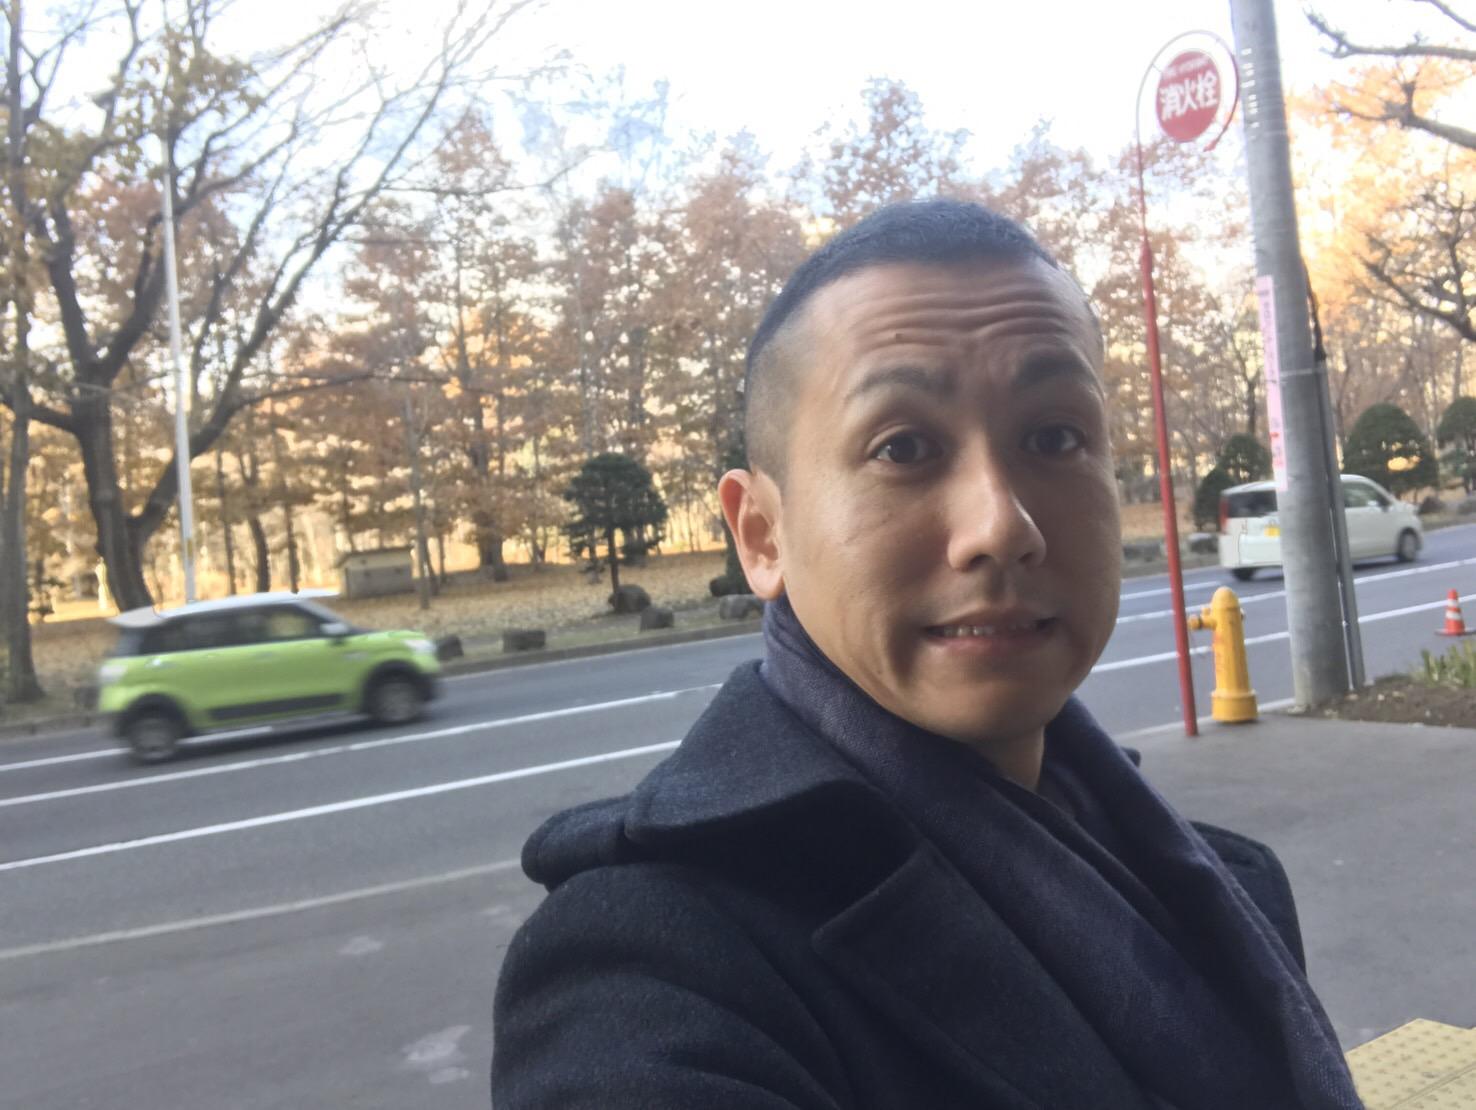 11月26日 土曜日のKENブログ( 'ω' ) ドローン空撮DAY!_b0127002_17163365.jpg